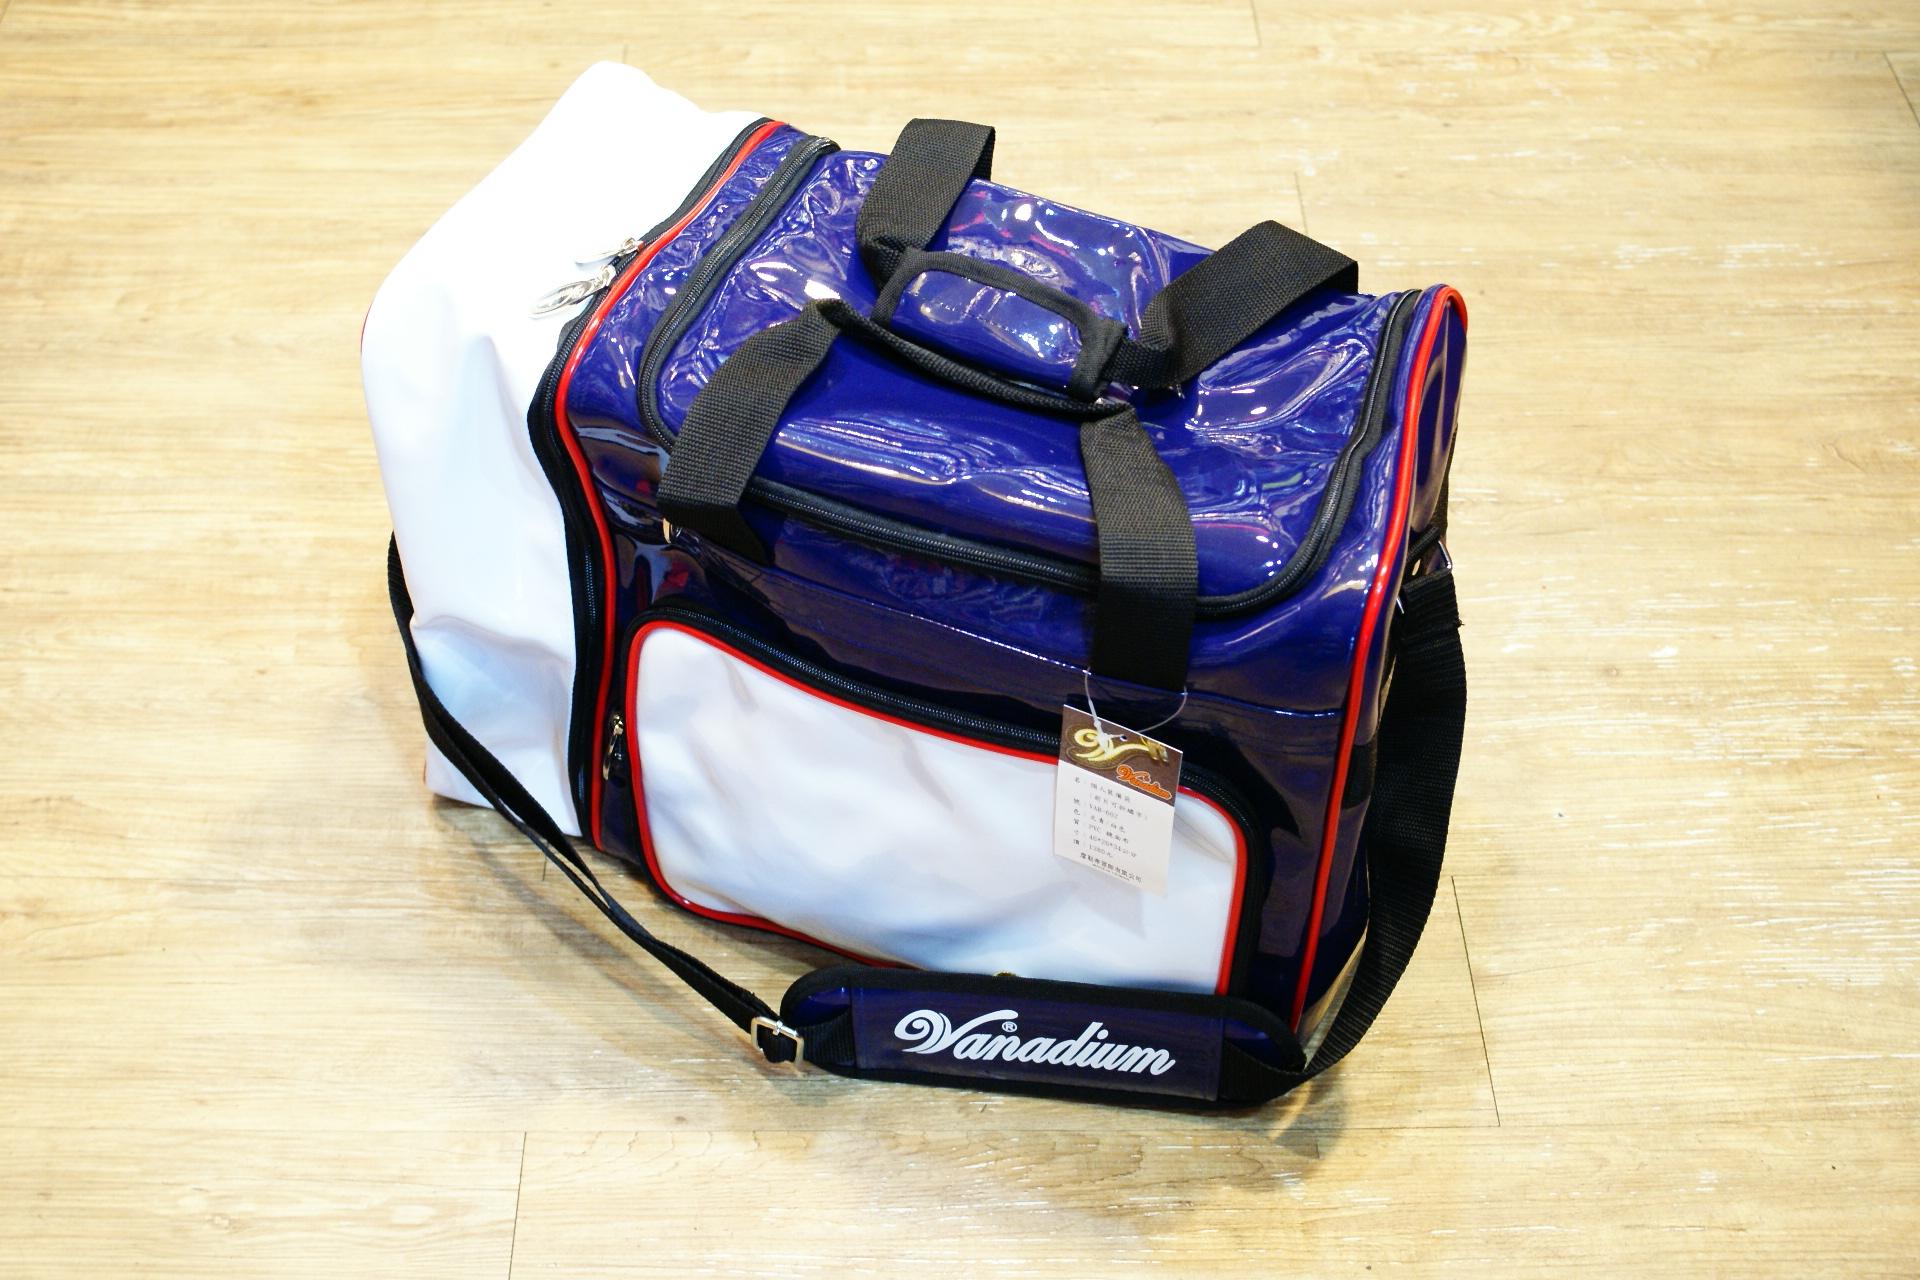 棒球世界摩勒帝新款個人裝備袋 白深藍配色 特價 不到6折 非常便宜